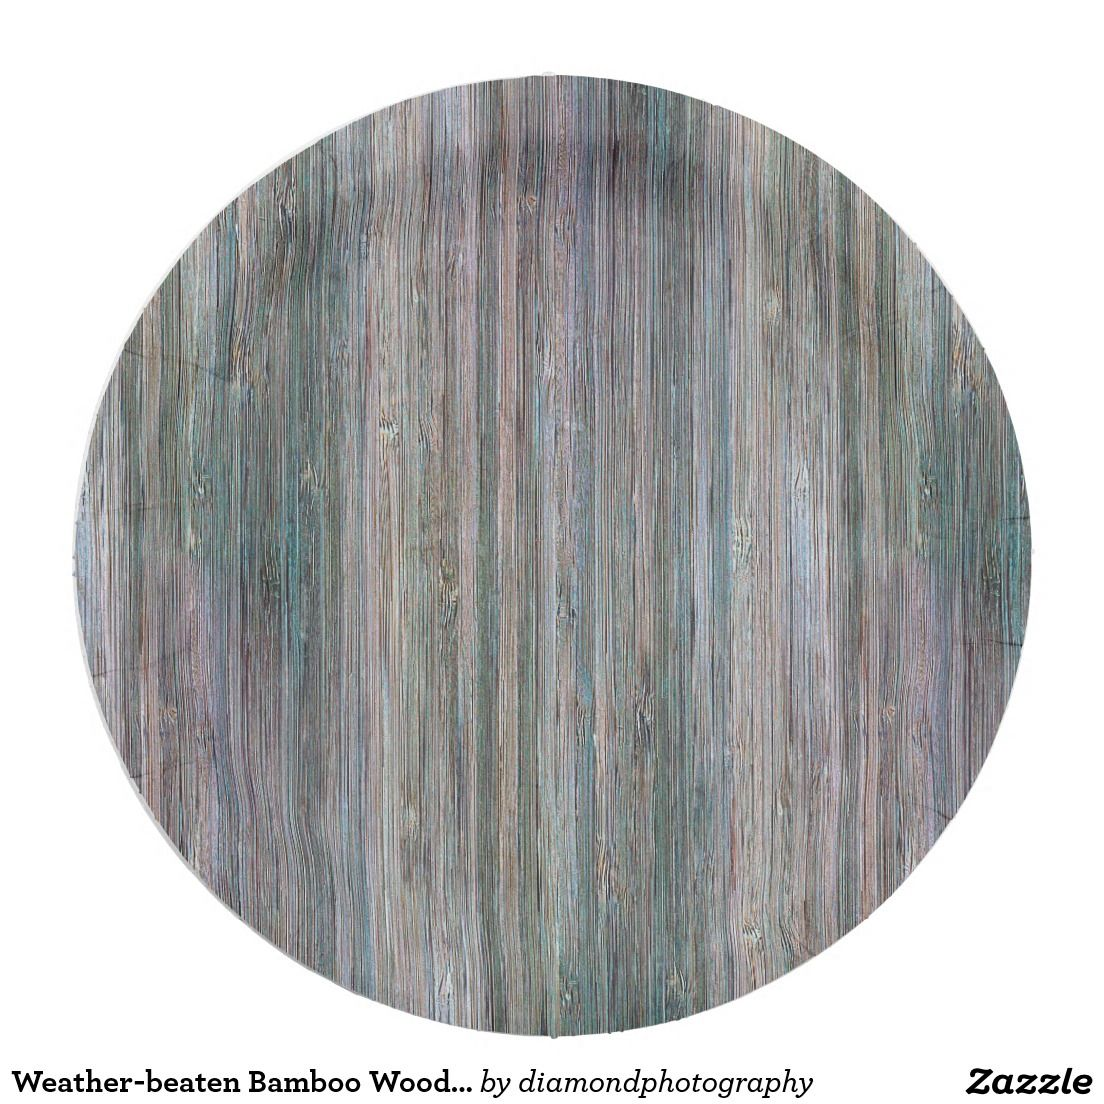 Weather-beaten Bamboo Wood Grain Look Paper Plate  sc 1 st  Pinterest & Weather-beaten Bamboo Wood Grain Look Paper Plate | Wood grain